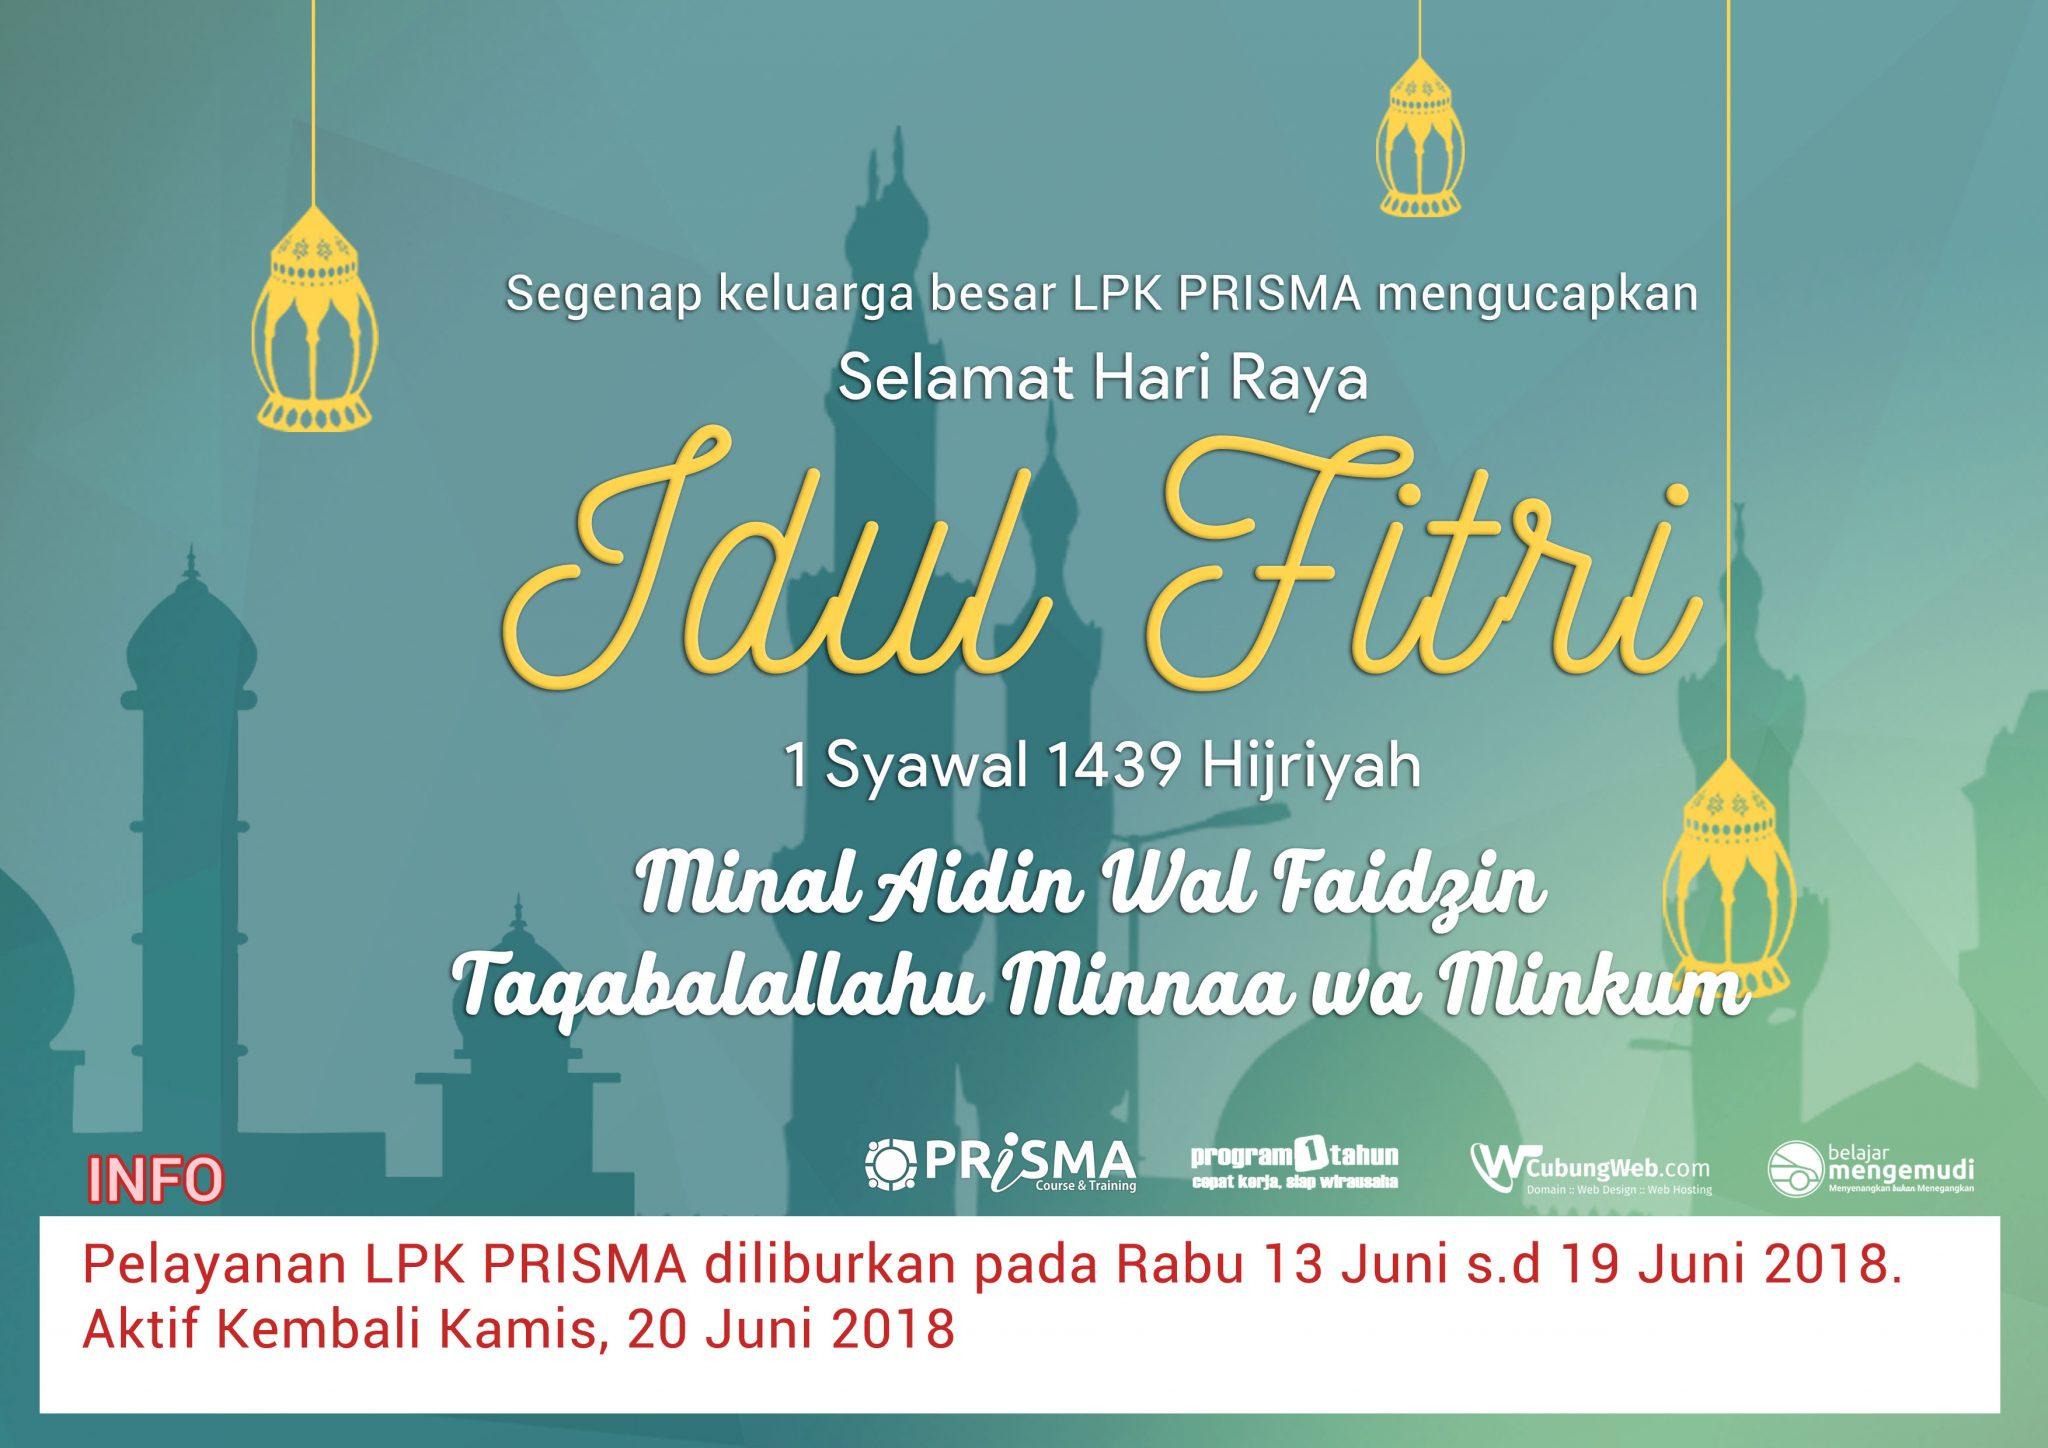 Selamat Hari Raya Idul Fitri 1 Syawal 1439 Hijriyah